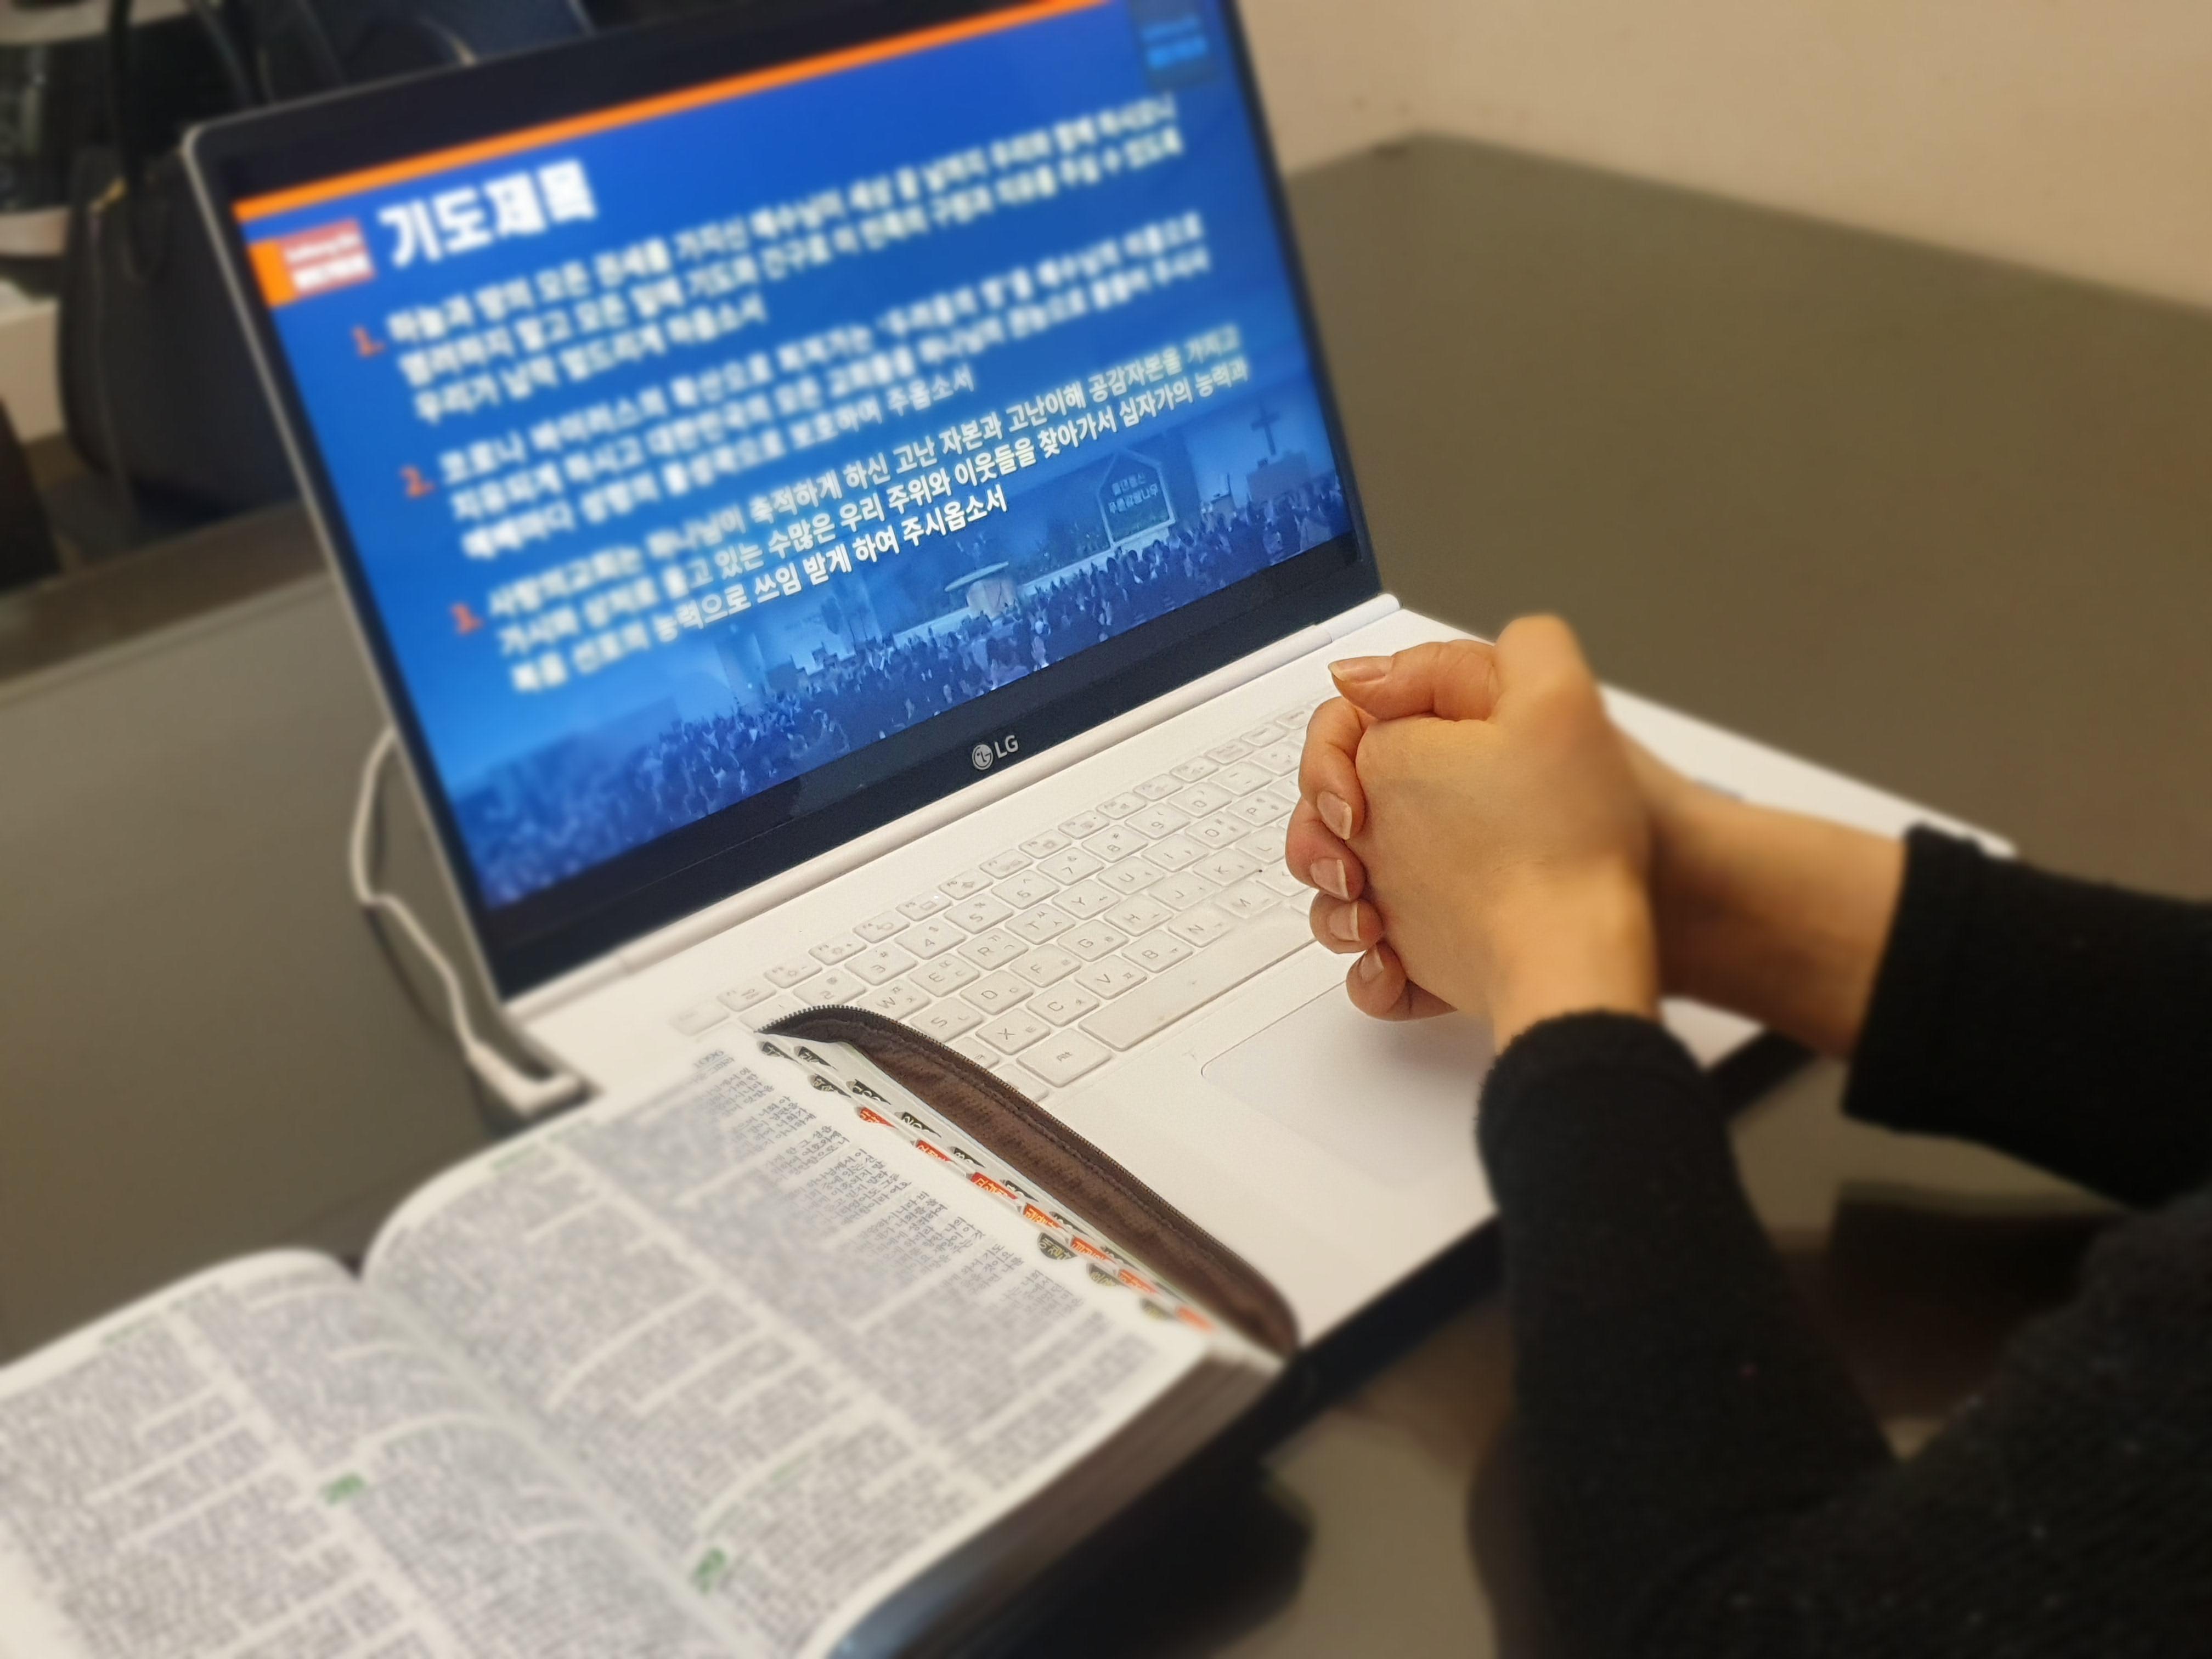 사랑의교회, 예수님의 치유하는 광선으로 회복시키심을 위해 한마음으로 기도